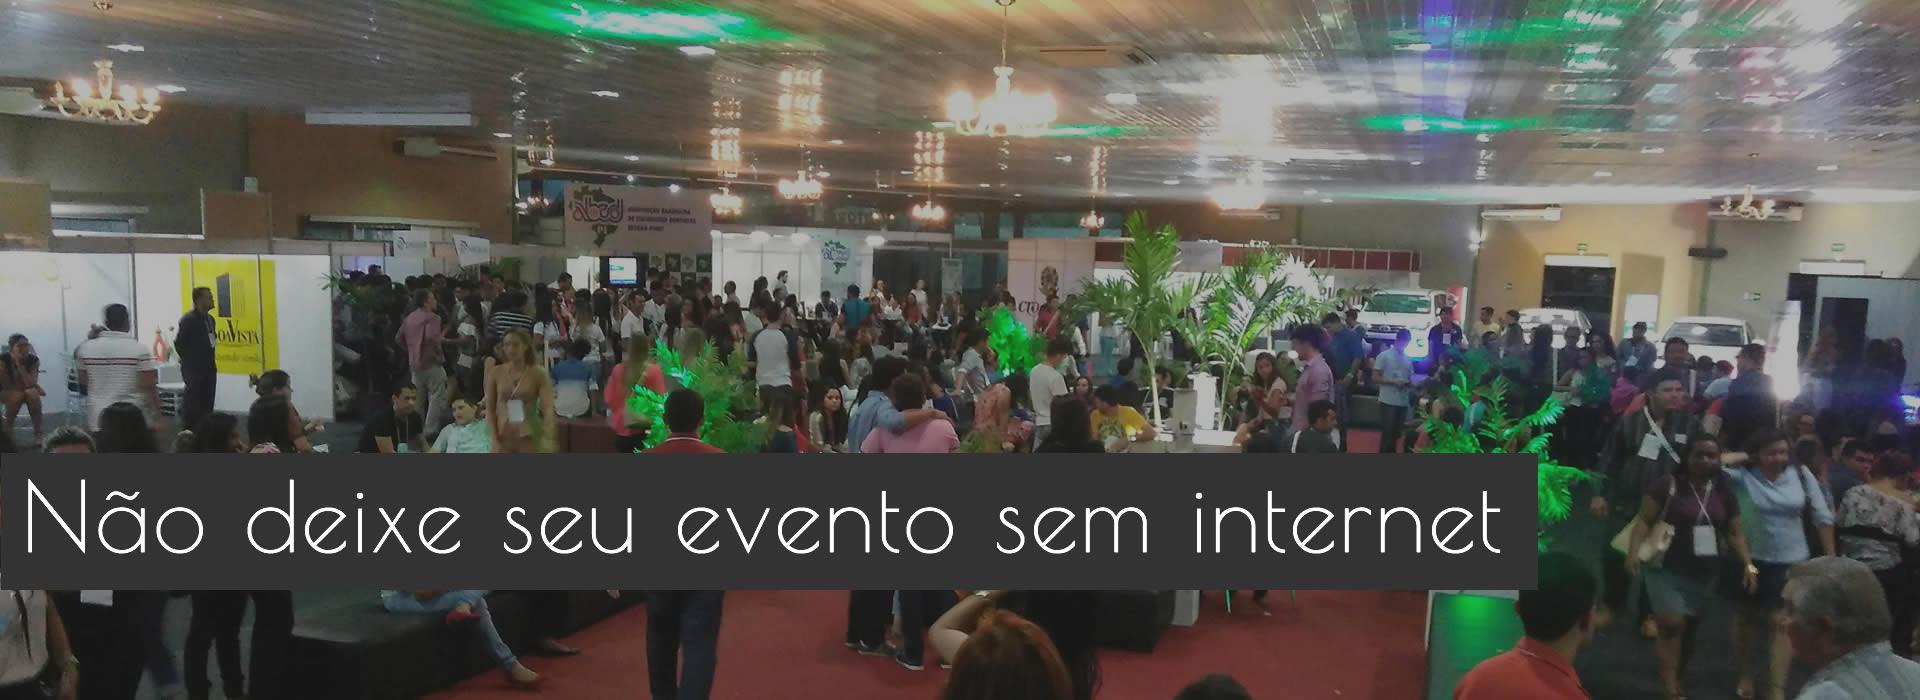 Internet para eventos em Tereesina